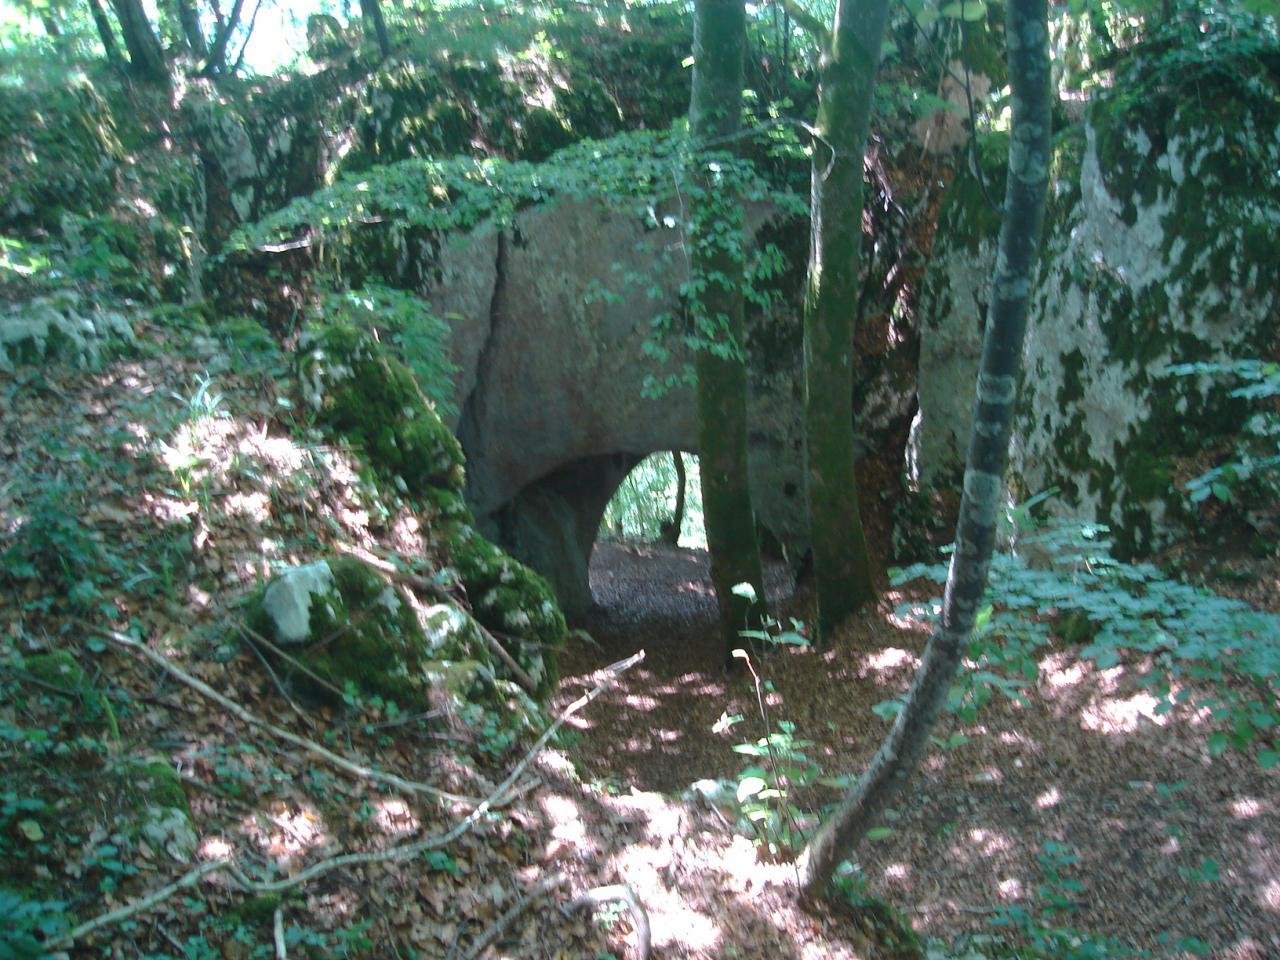 arche-dans-la-falaise-1.jpg